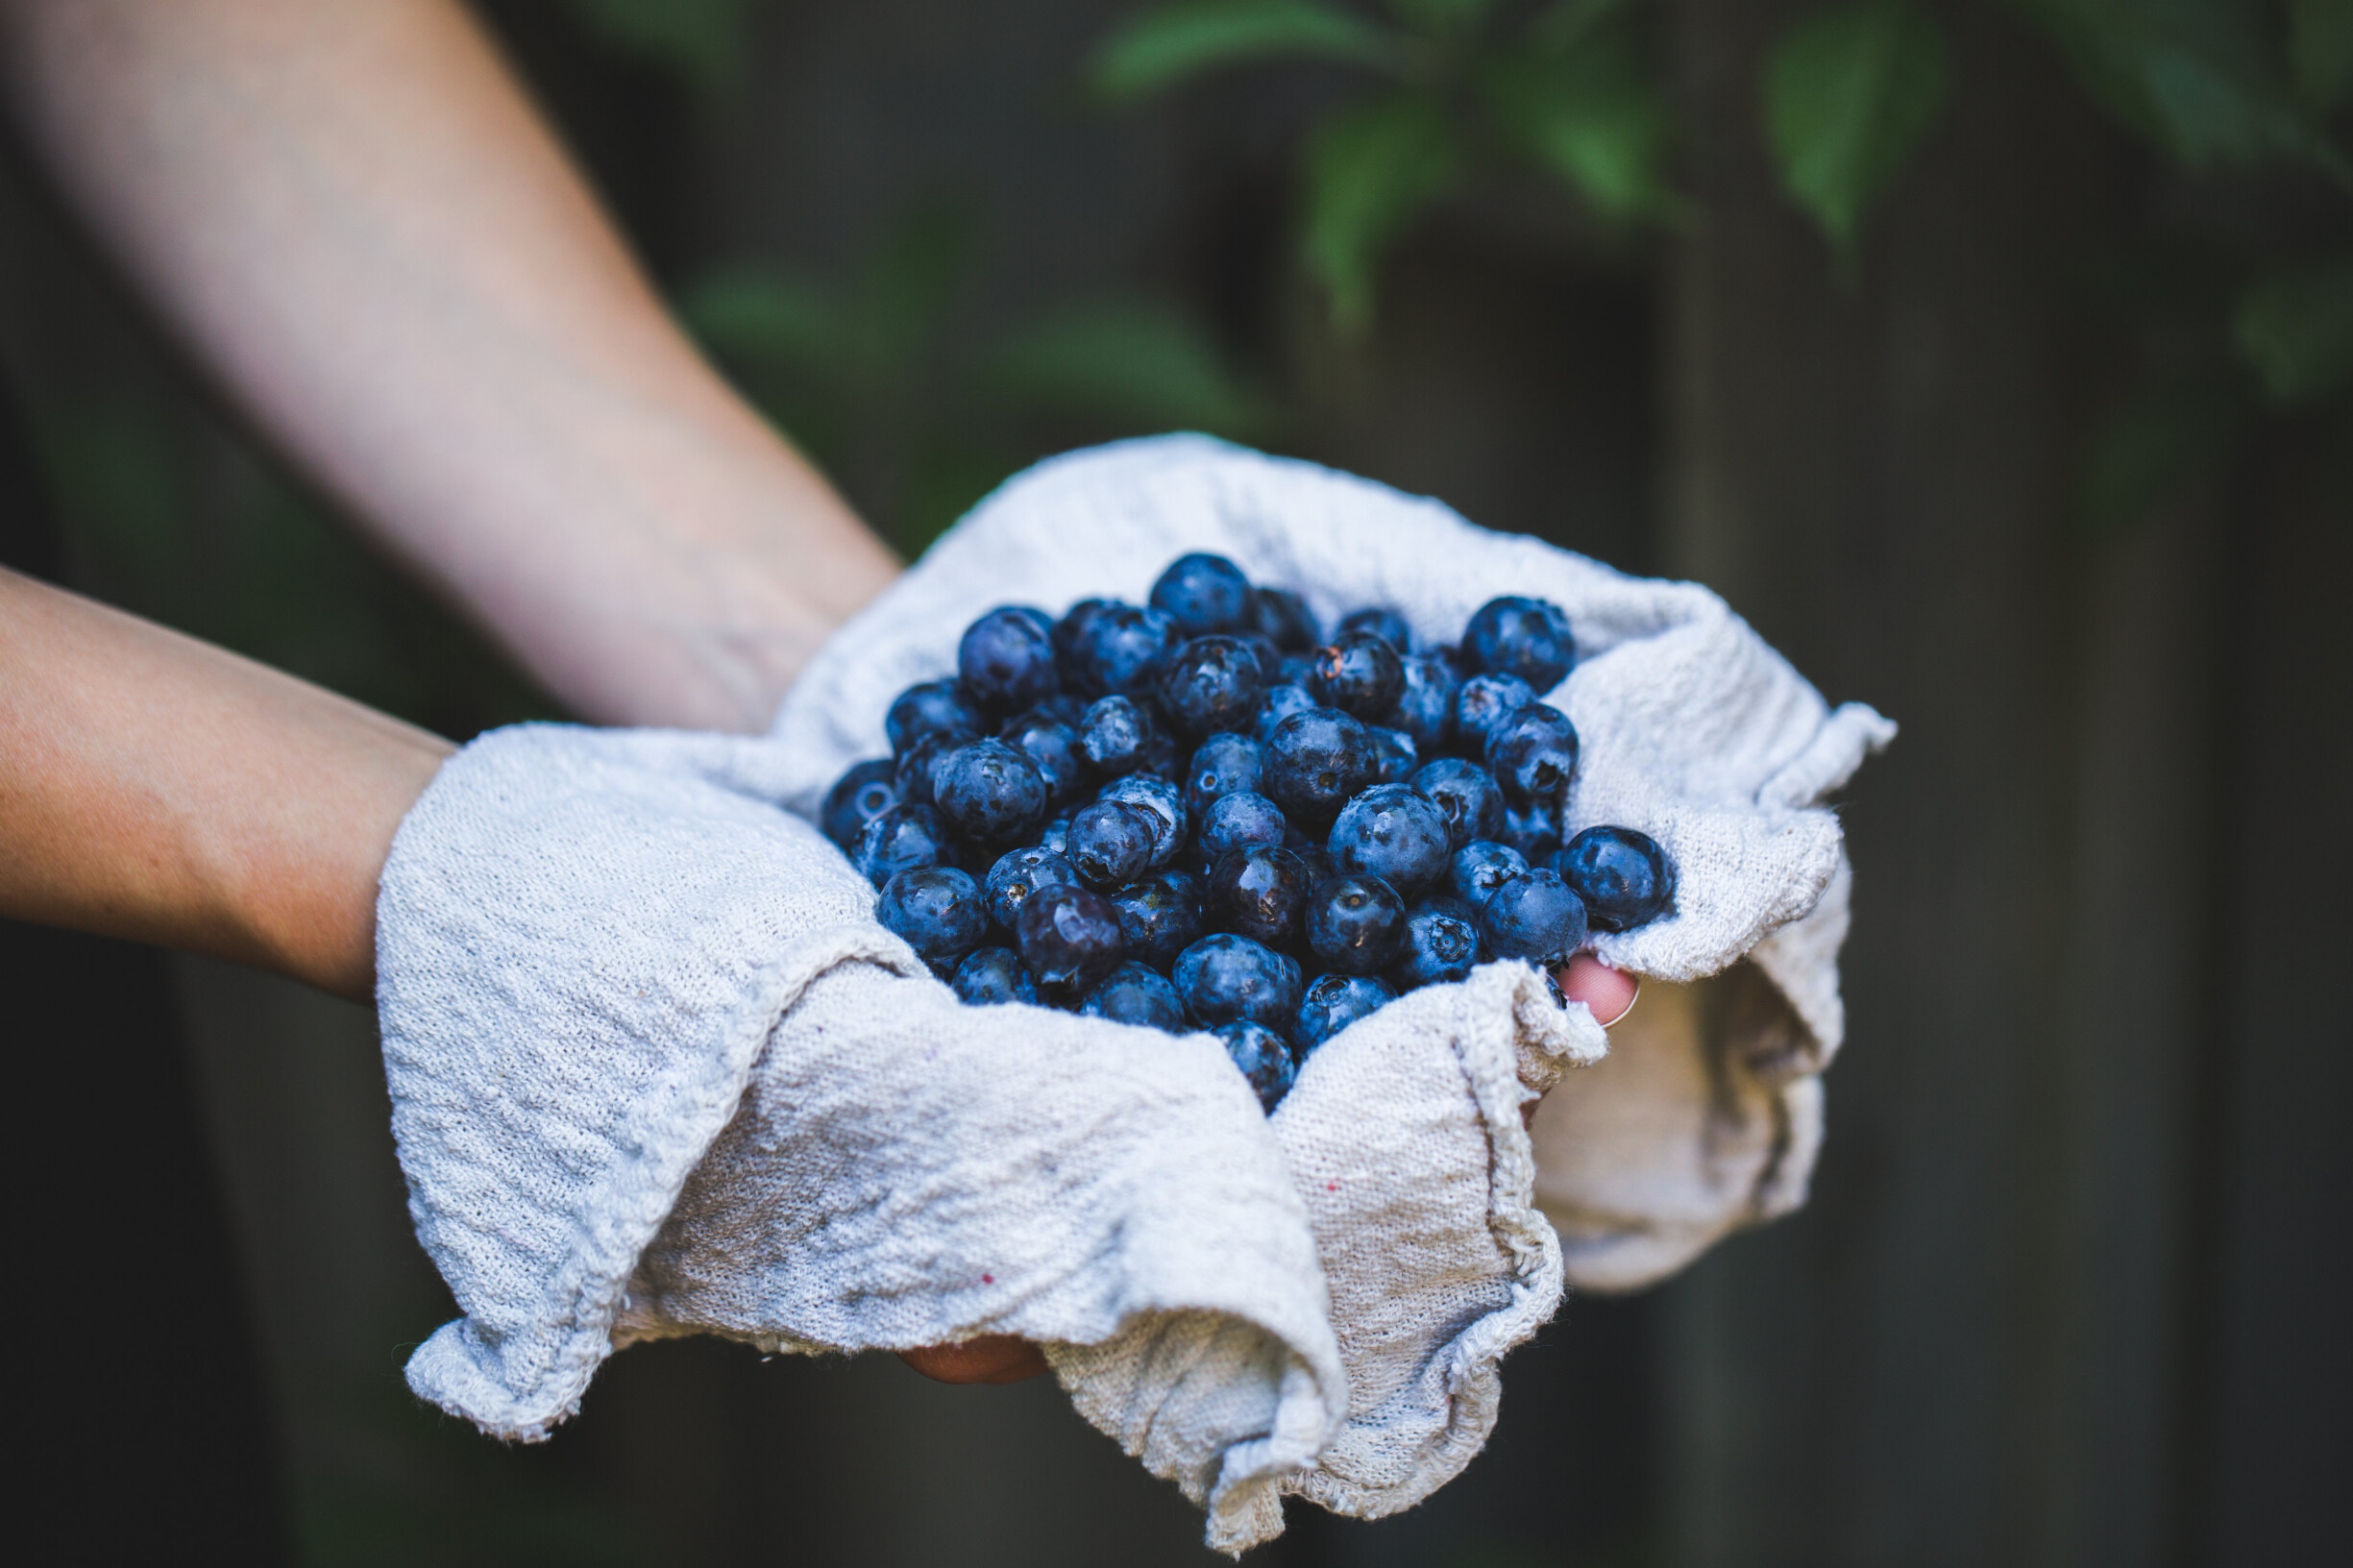 mirtilos-tudo-o-que-tens-de-saber-sobre-frutos-vermelhos-frutos-antioxidantes